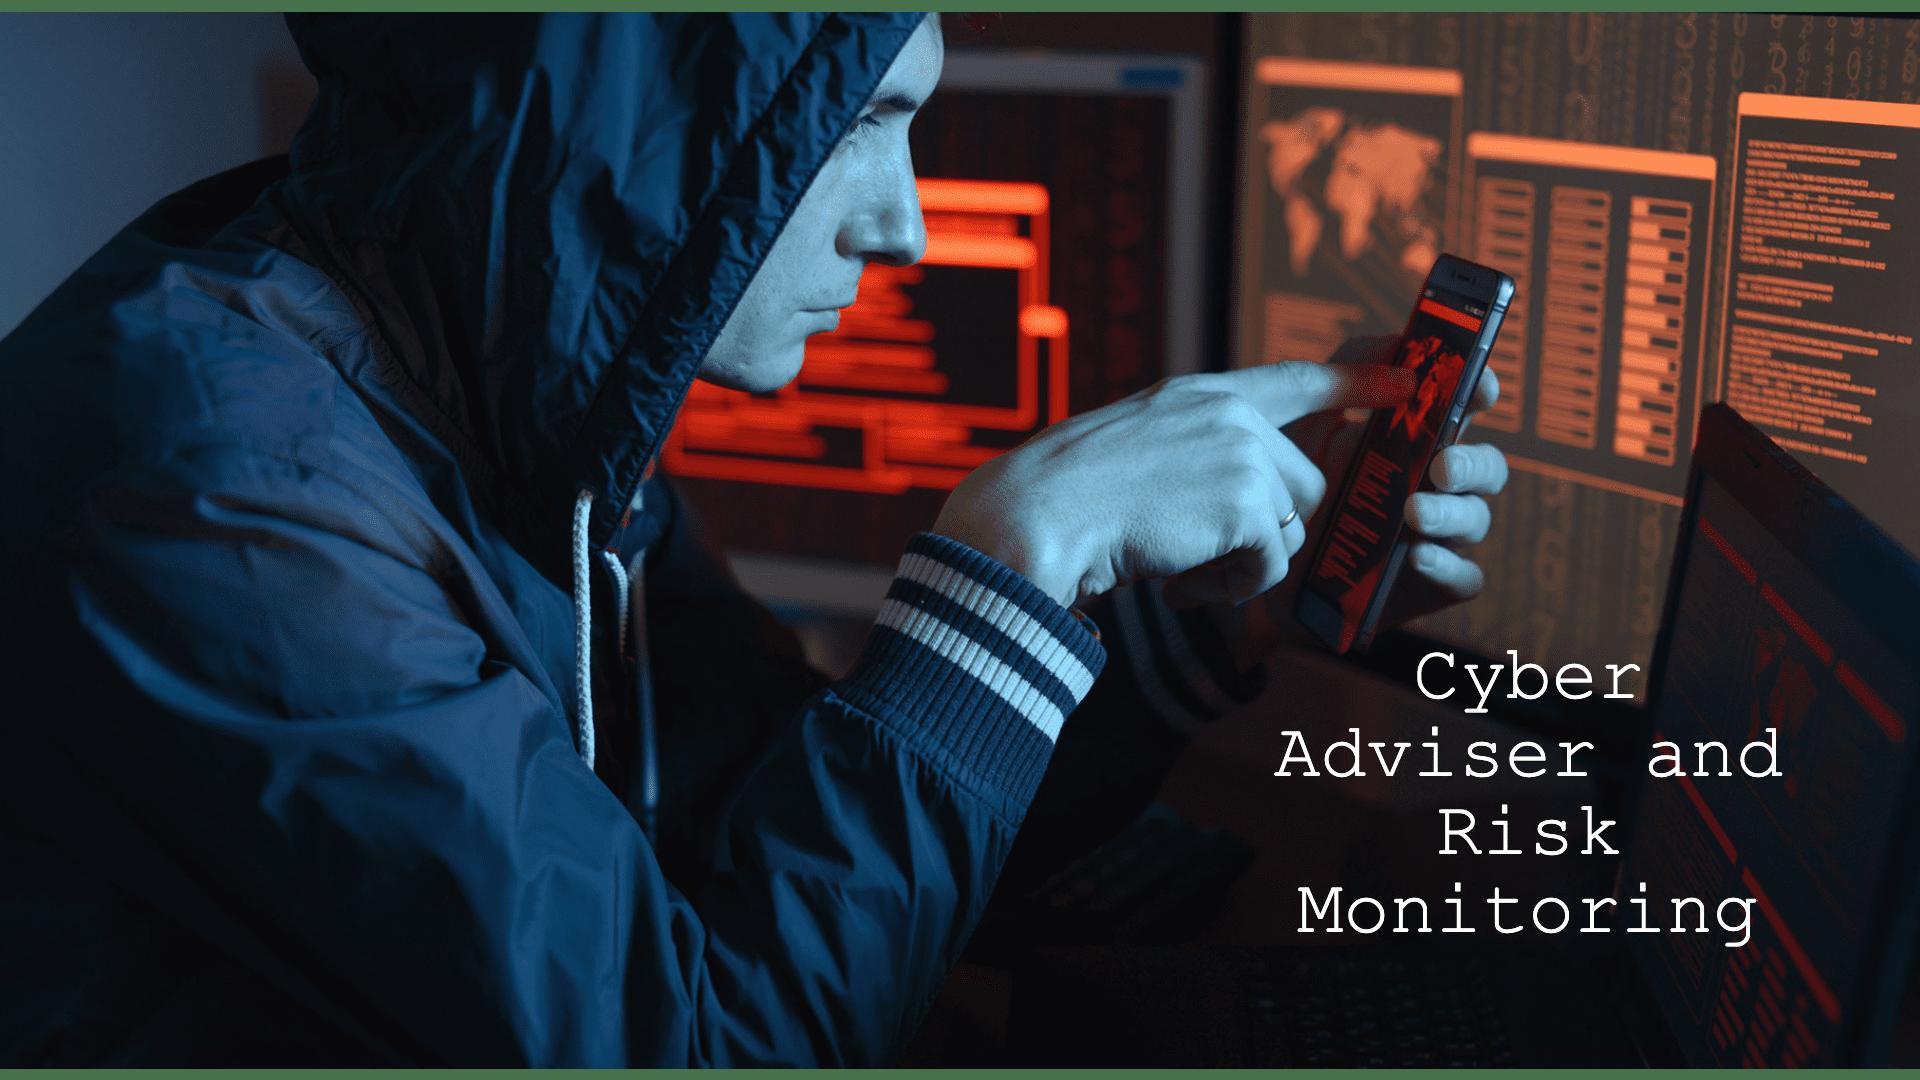 Cyber Adviser Risk Monitoring